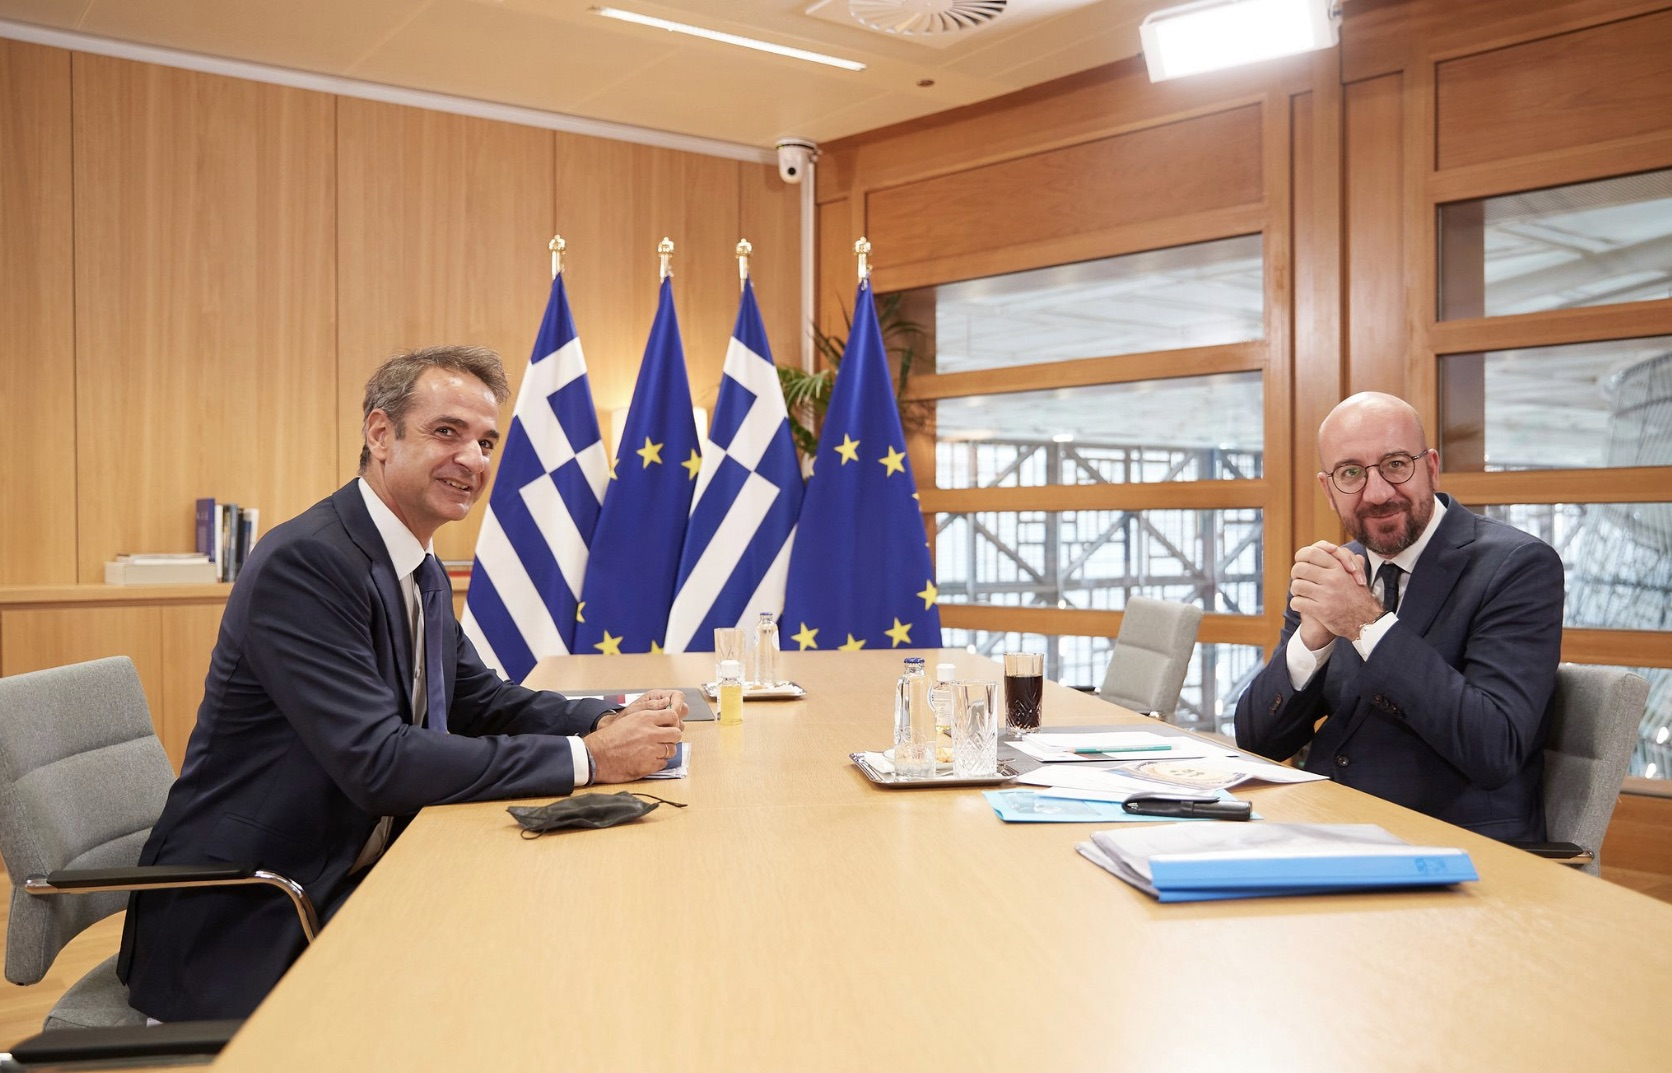 Μητσοτάκης: Η Ελλάδα επιθυμεί σχέσεις καλής γειτονίας χωρίς εντάσεις στην περιοχή